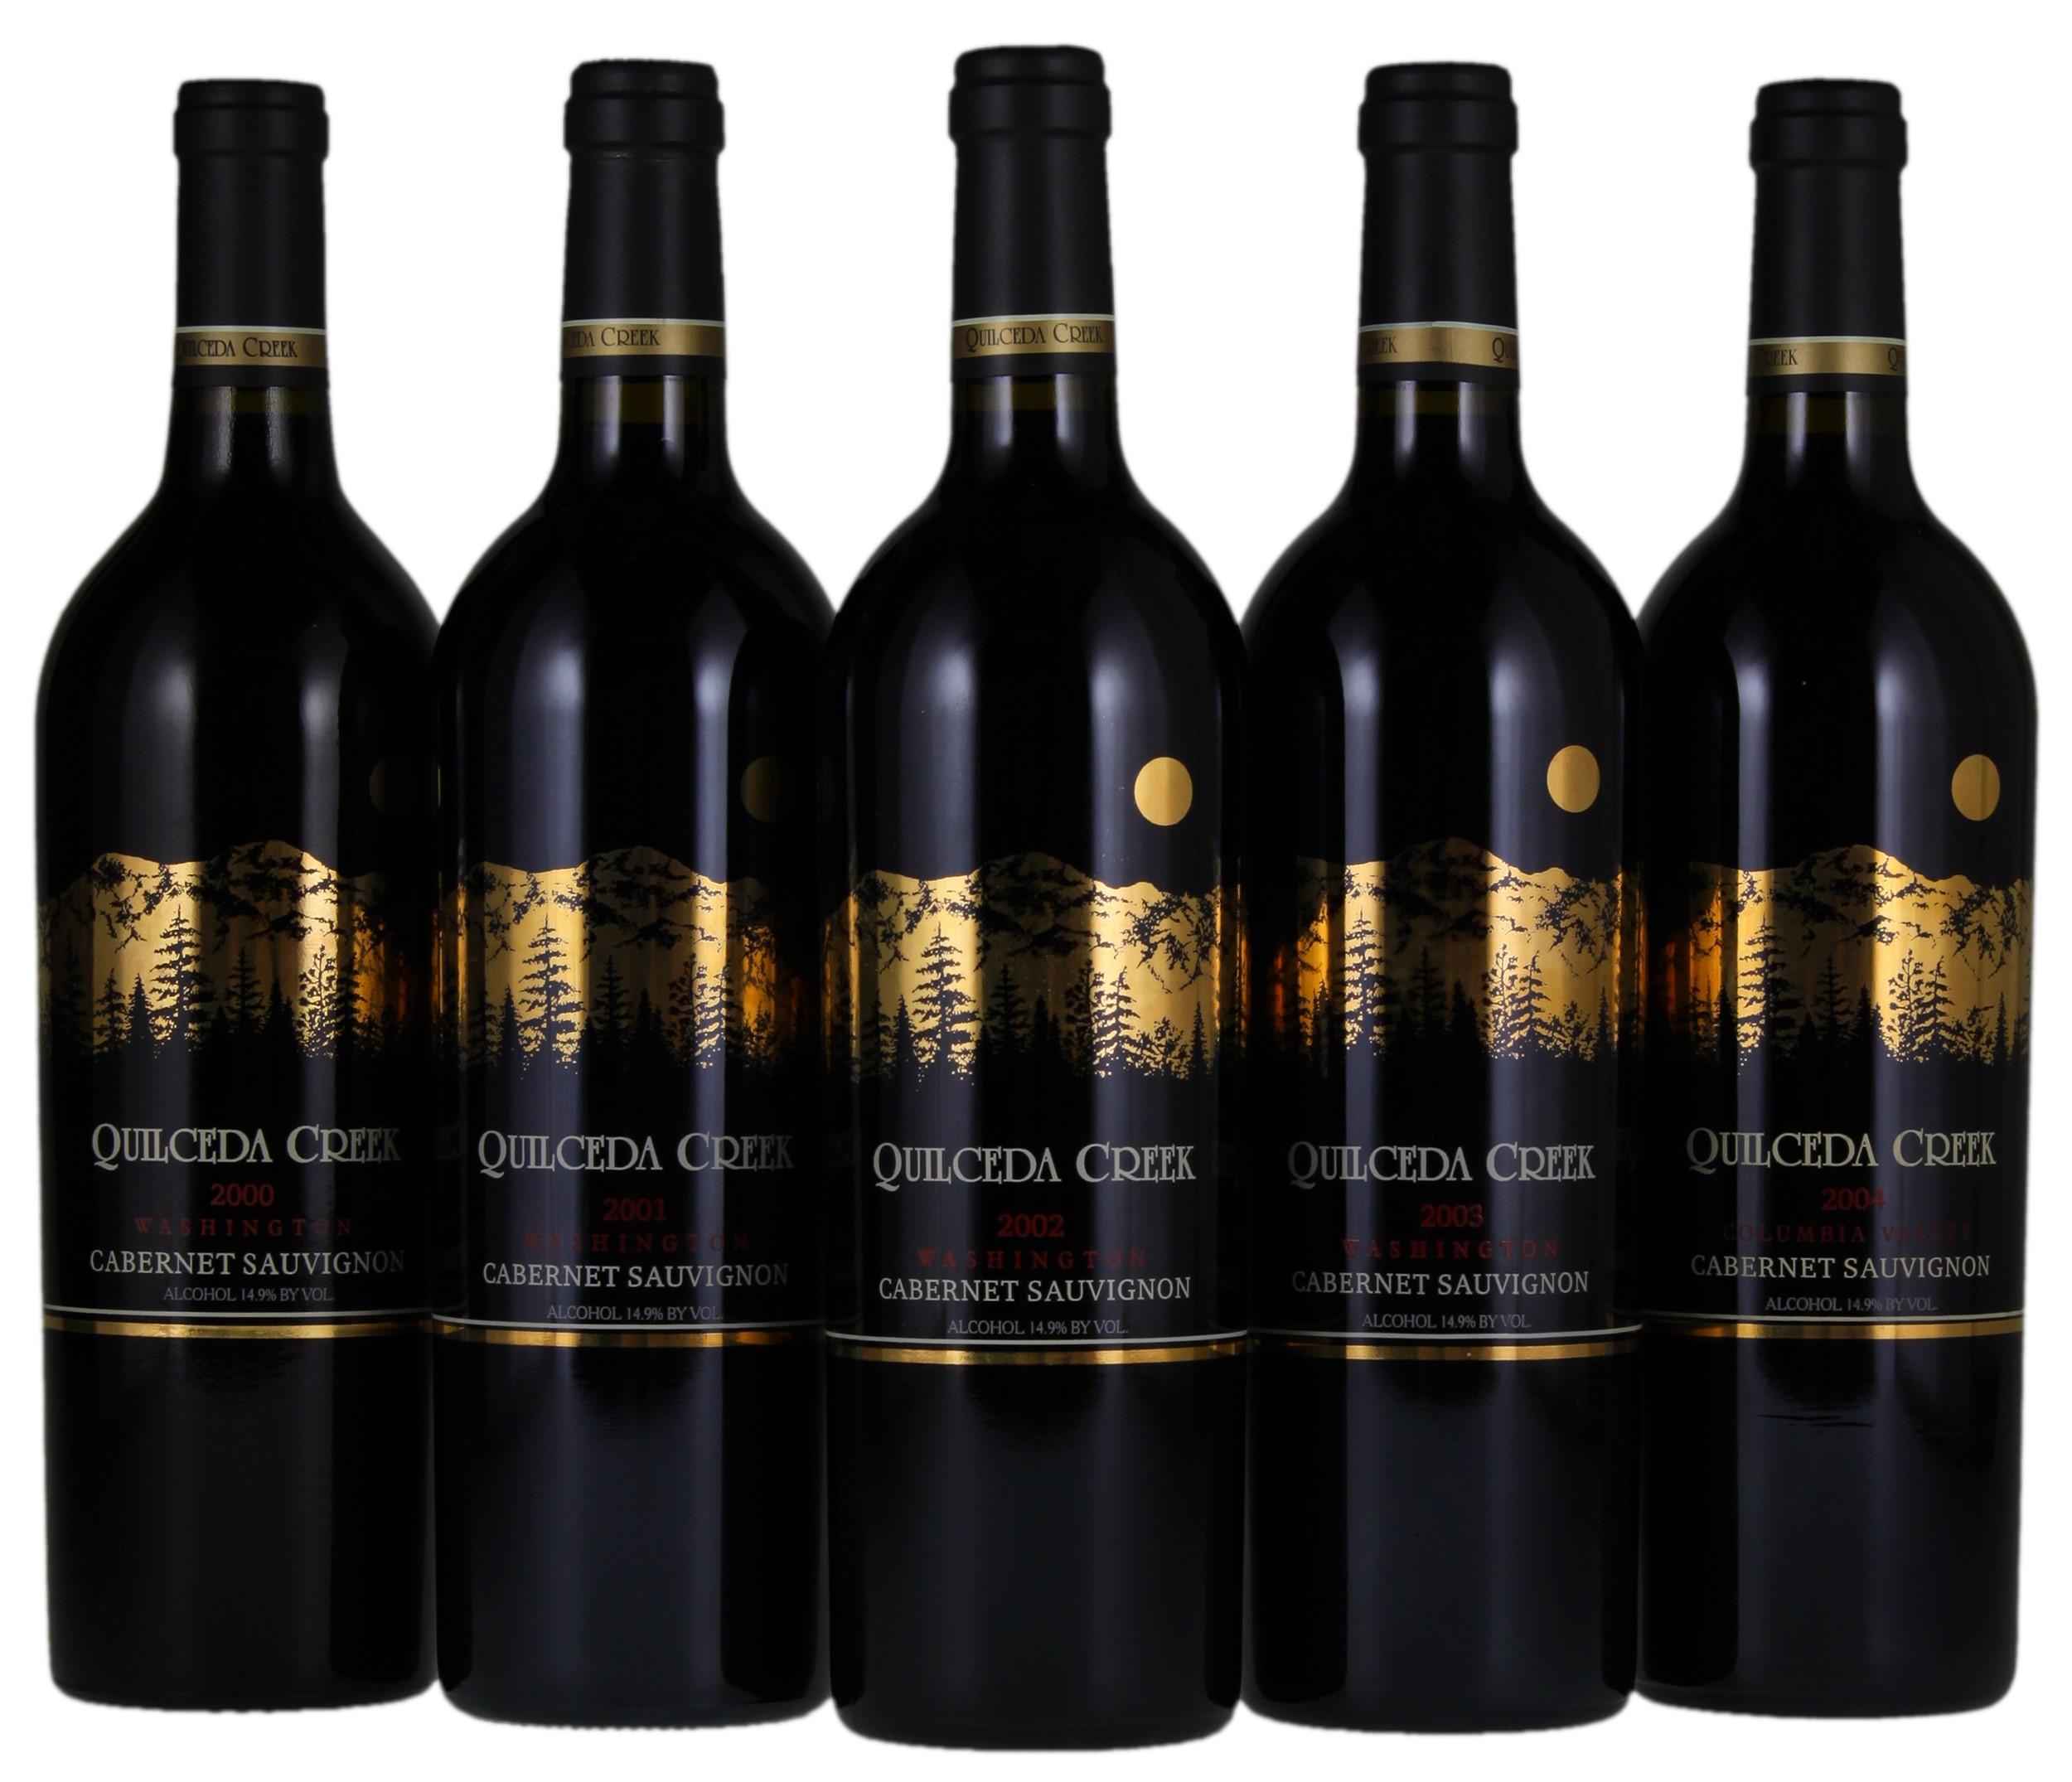 BuyWine Item Auction 143763 2000 2004 Quilceda Creek Cabernet Sauvignon 5 Bott